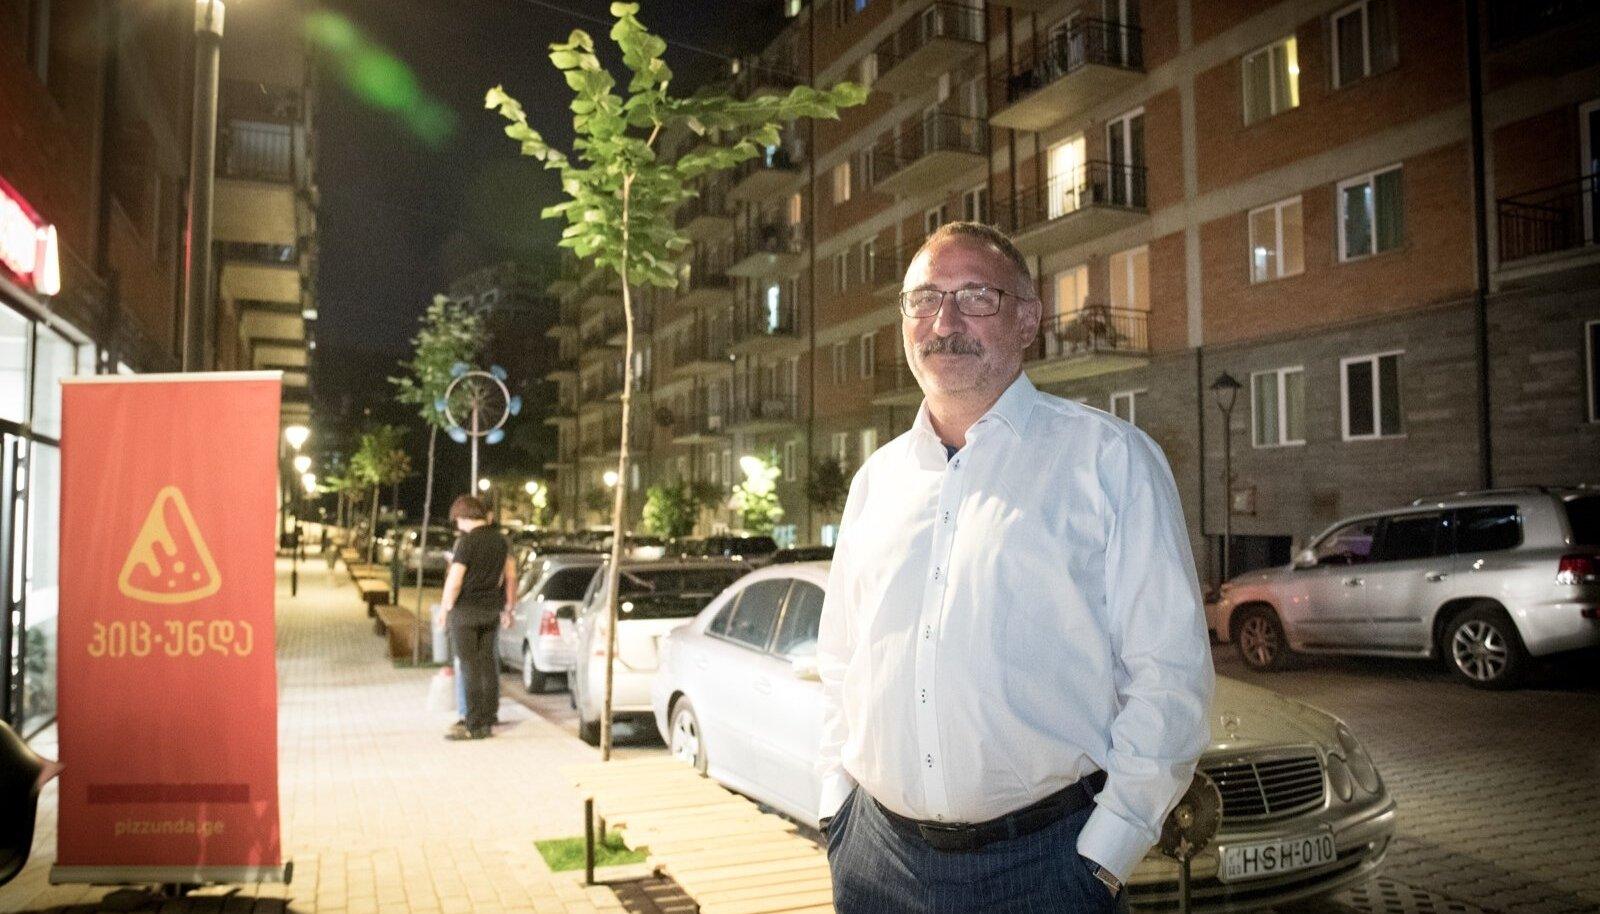 Marcel Vichmann võib rahul olla: Jikija kortermajade arendus on õnnestunud ja investeering end ära tasunud.